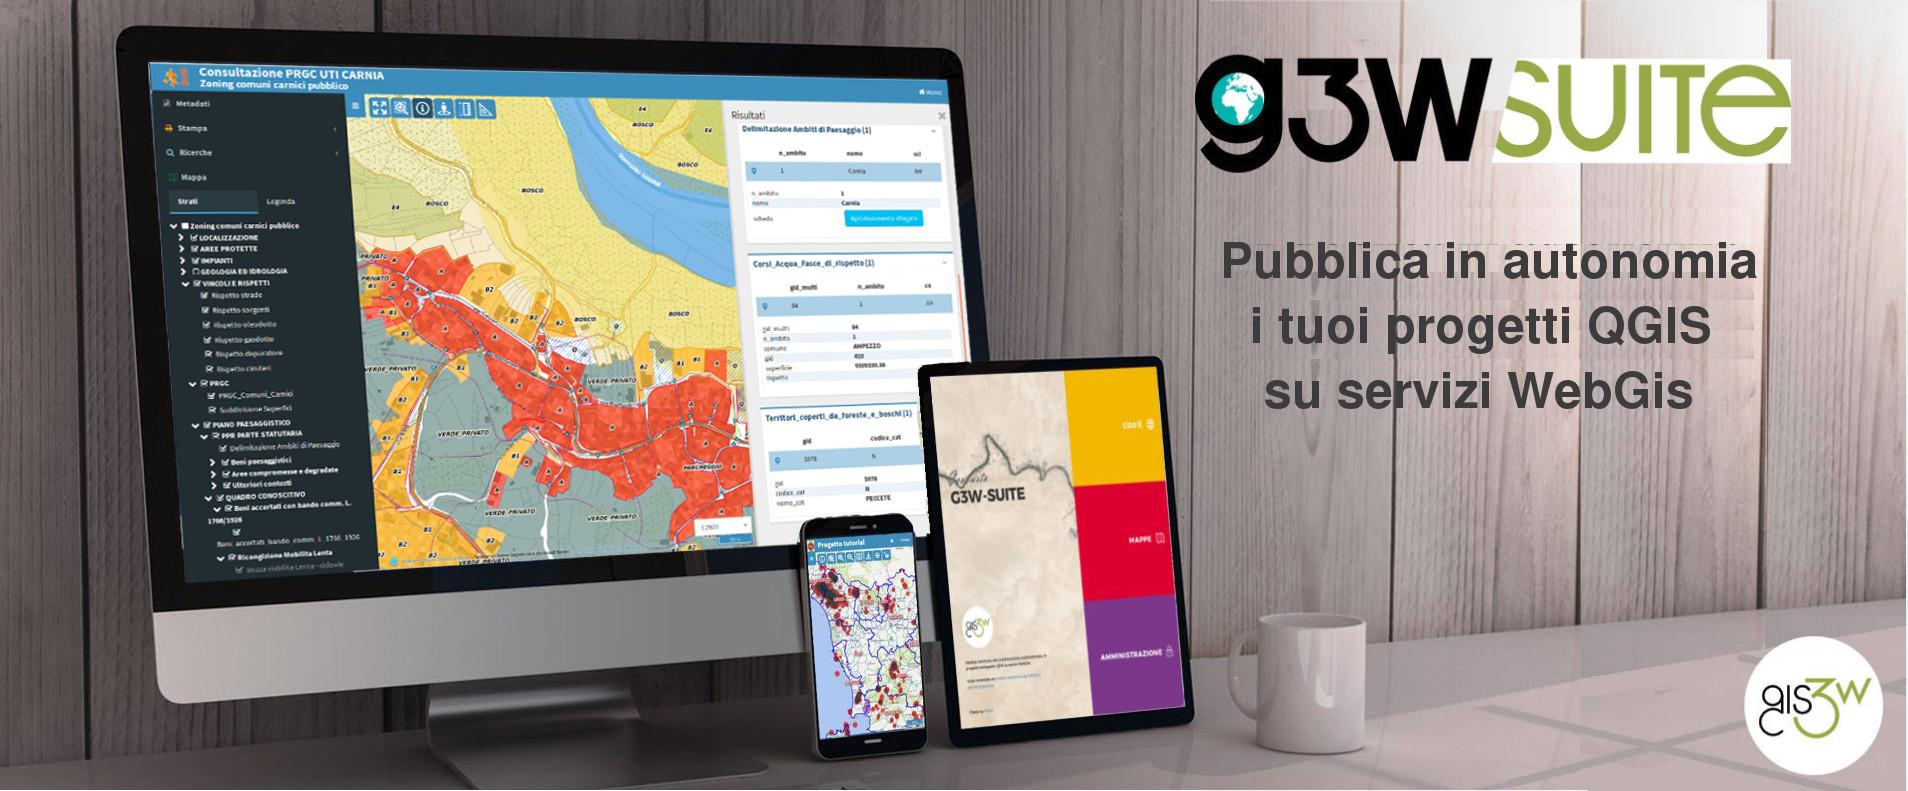 Modulo VI: G3W-SUITE la soluzione più completa per la pubblicazione e gestione progetti QGIS su servizi WebGis